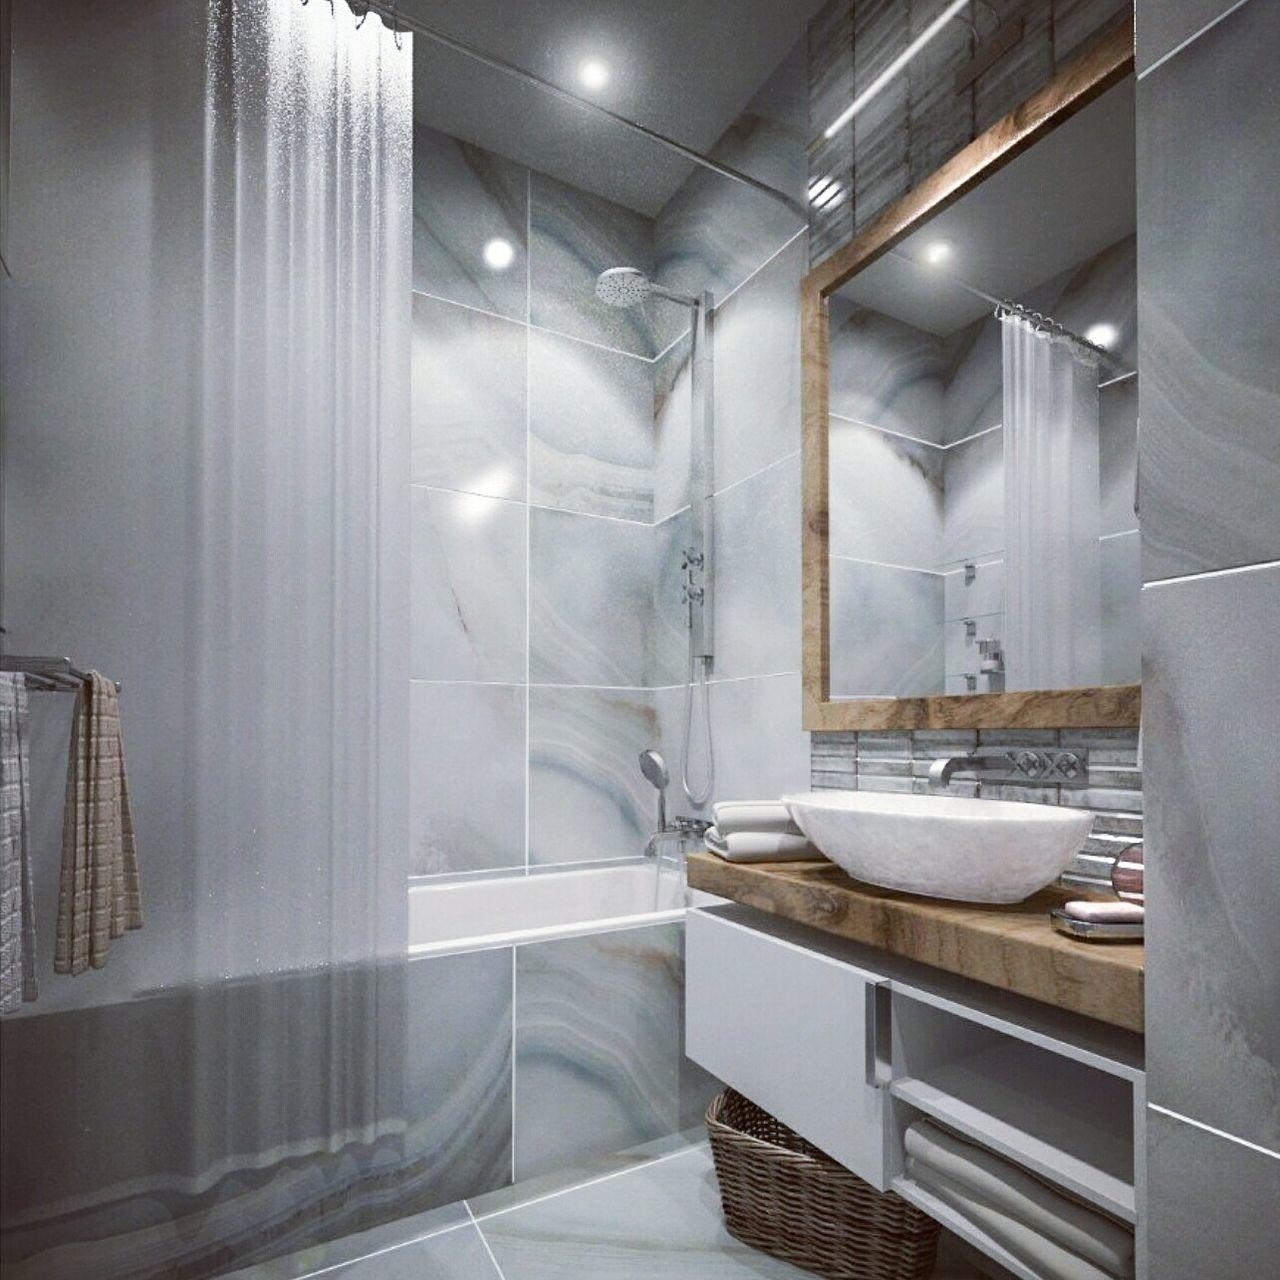 интерьер Interior Design Interior Bathroom Art Design дизайн 3d дизайн дизайн интерьера ванная